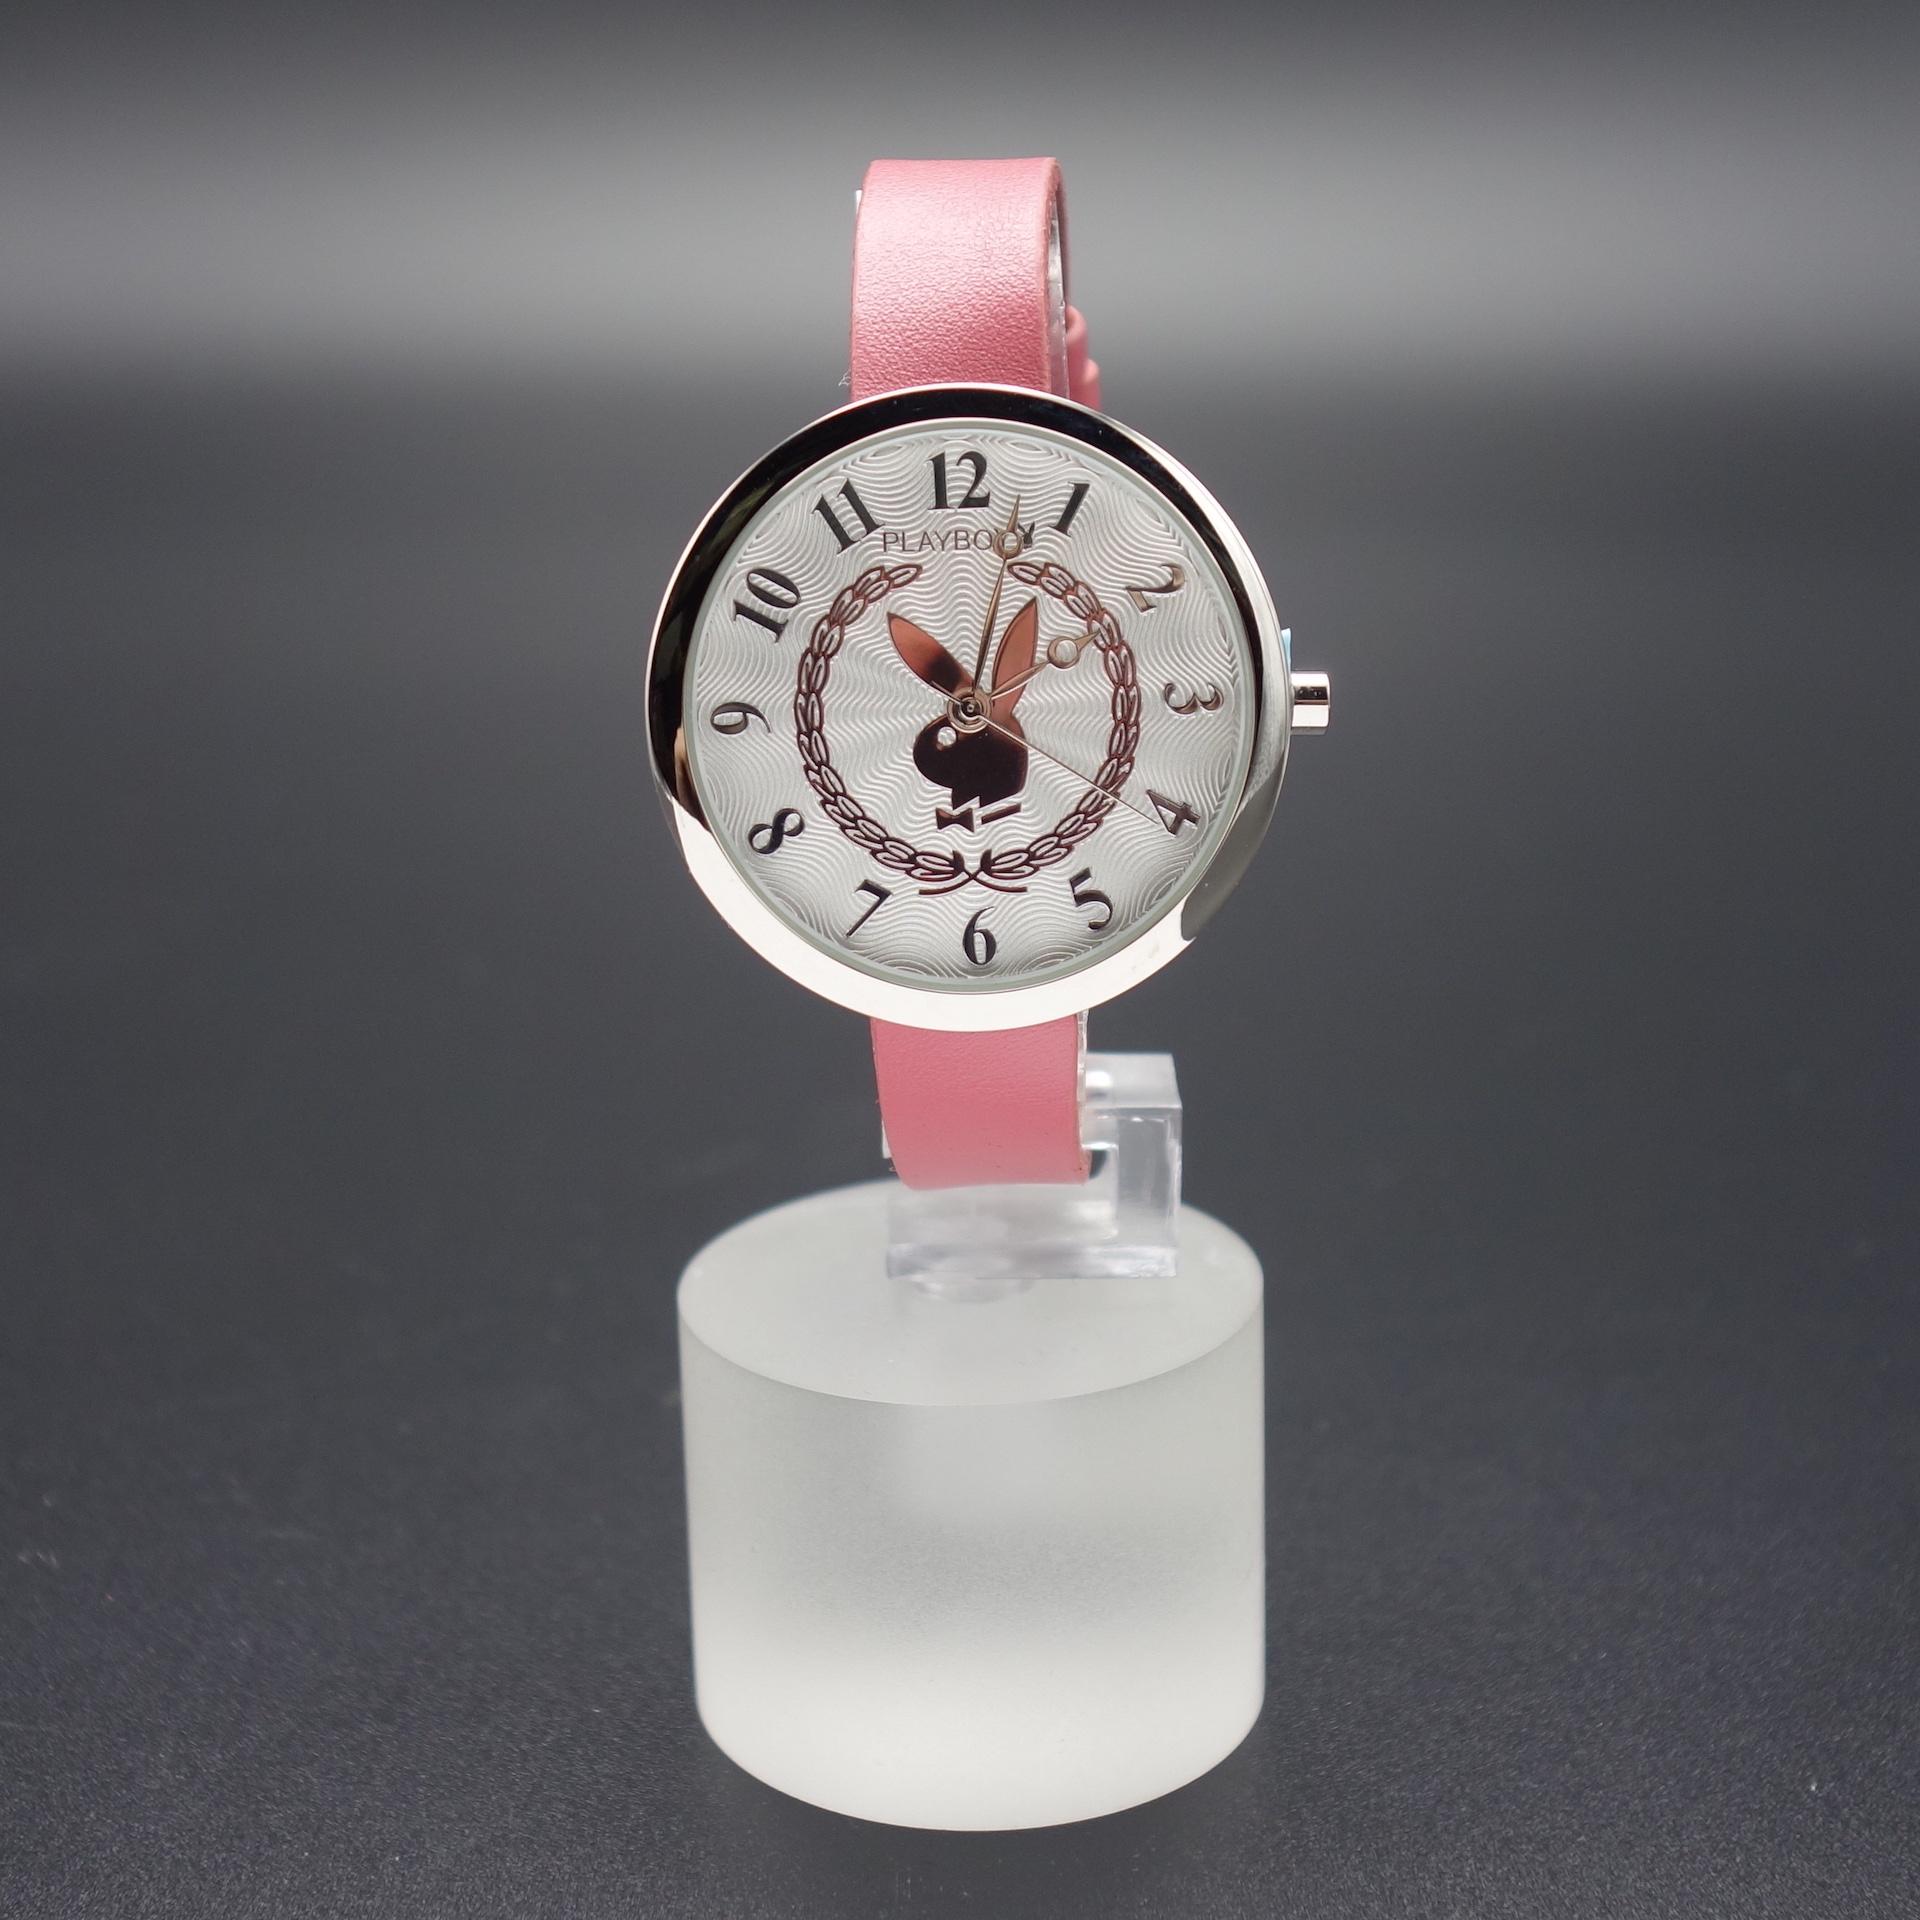 Playboy Damen Armbanduhr PBH0496SLPK